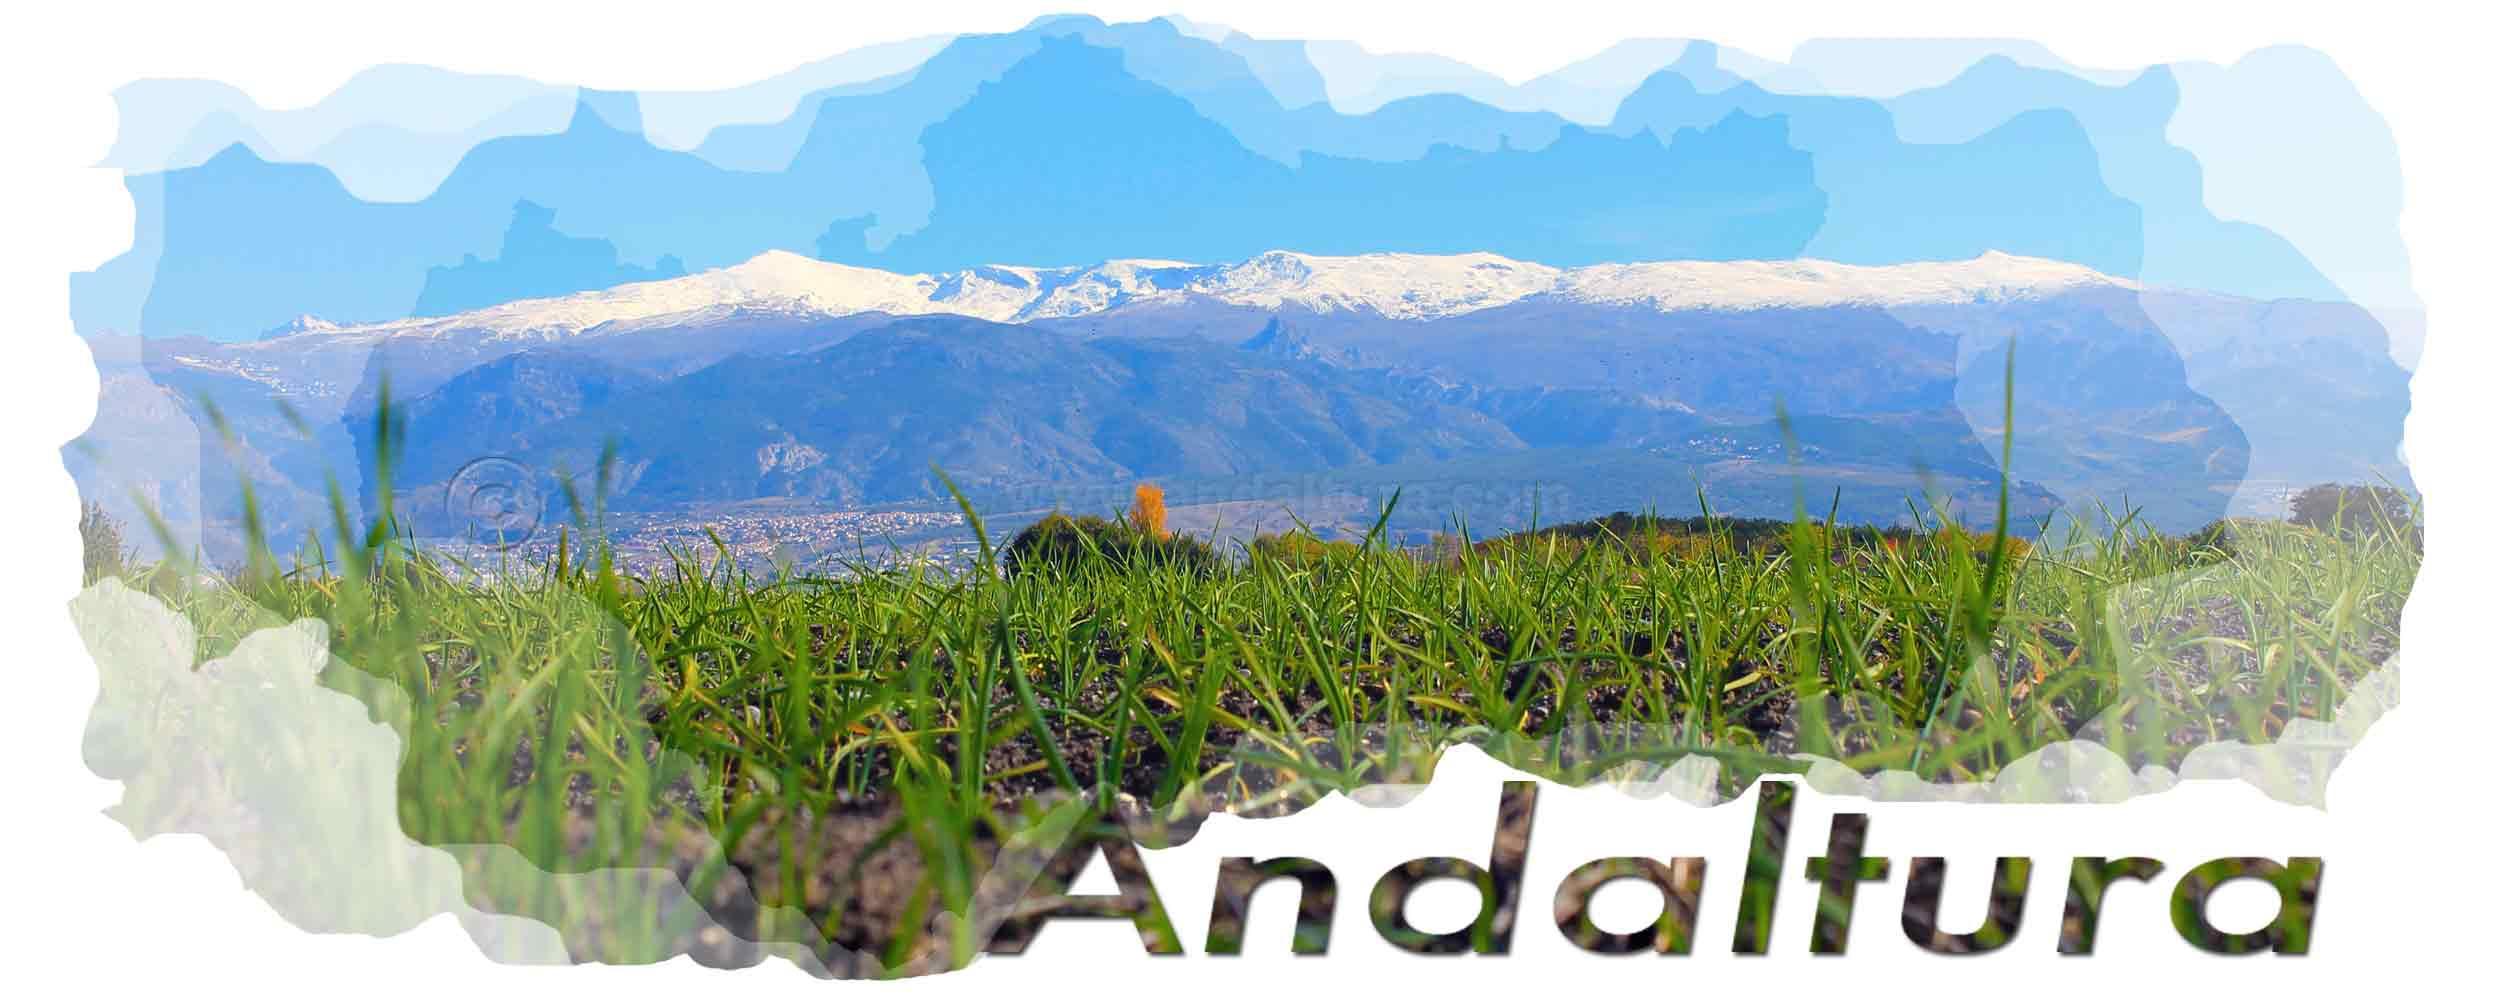 Cabecera del Plagio del GADL-CANT Grupo de Acción y Desarrollo Local de la Comarca de Antequera de Andaltura. Sierra Nevada desde la Vega de Granada